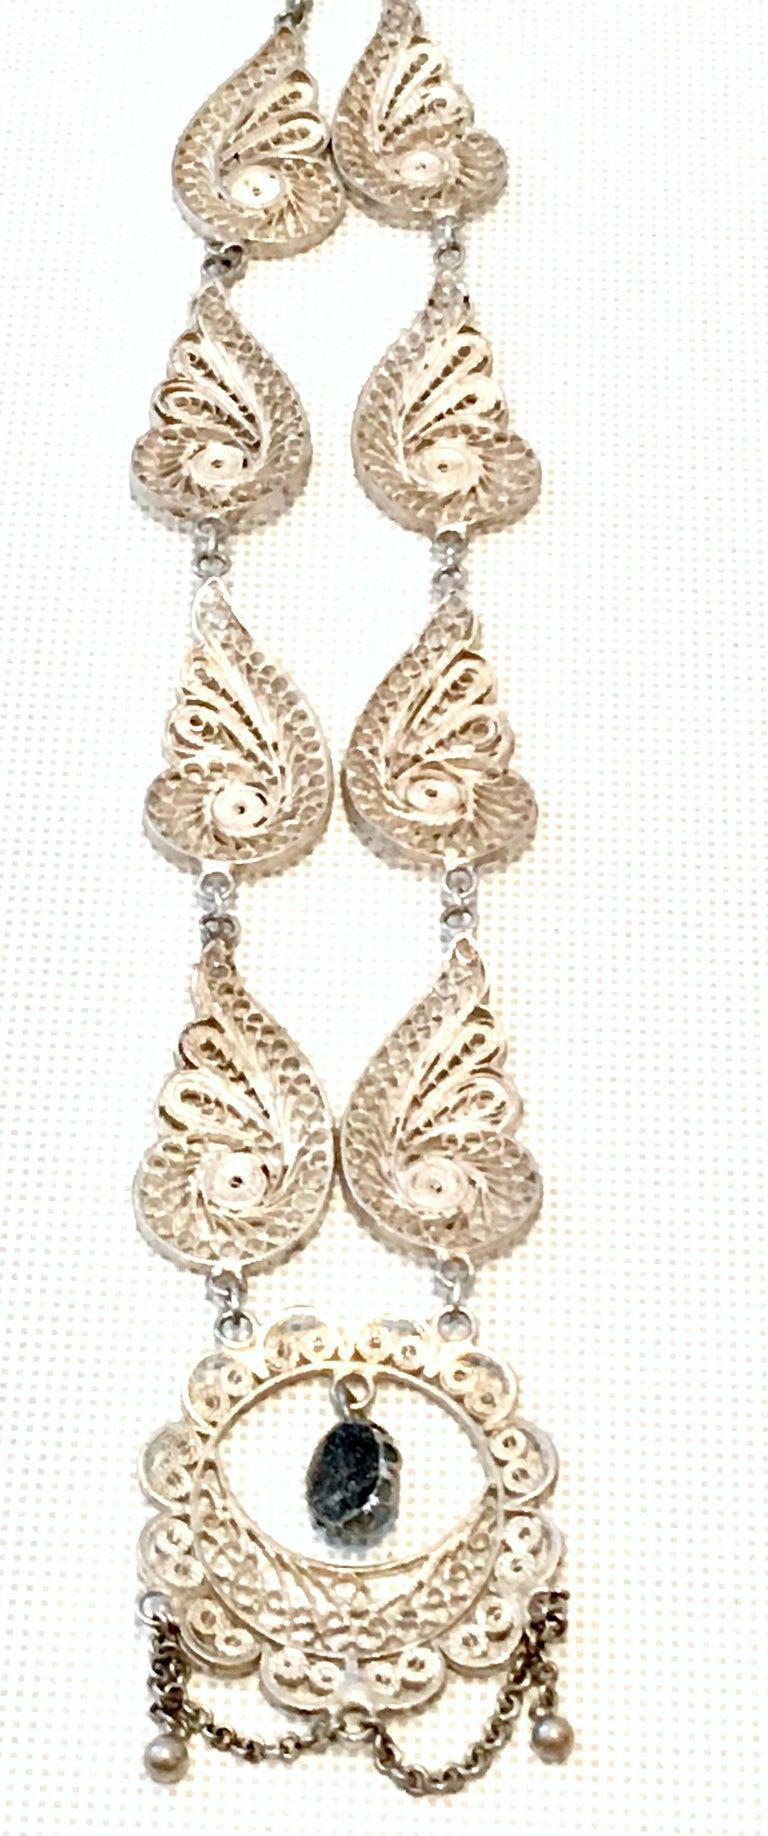 Antique Art Nouveau Sterling Silver & Moonstone Pendant Necklace 4